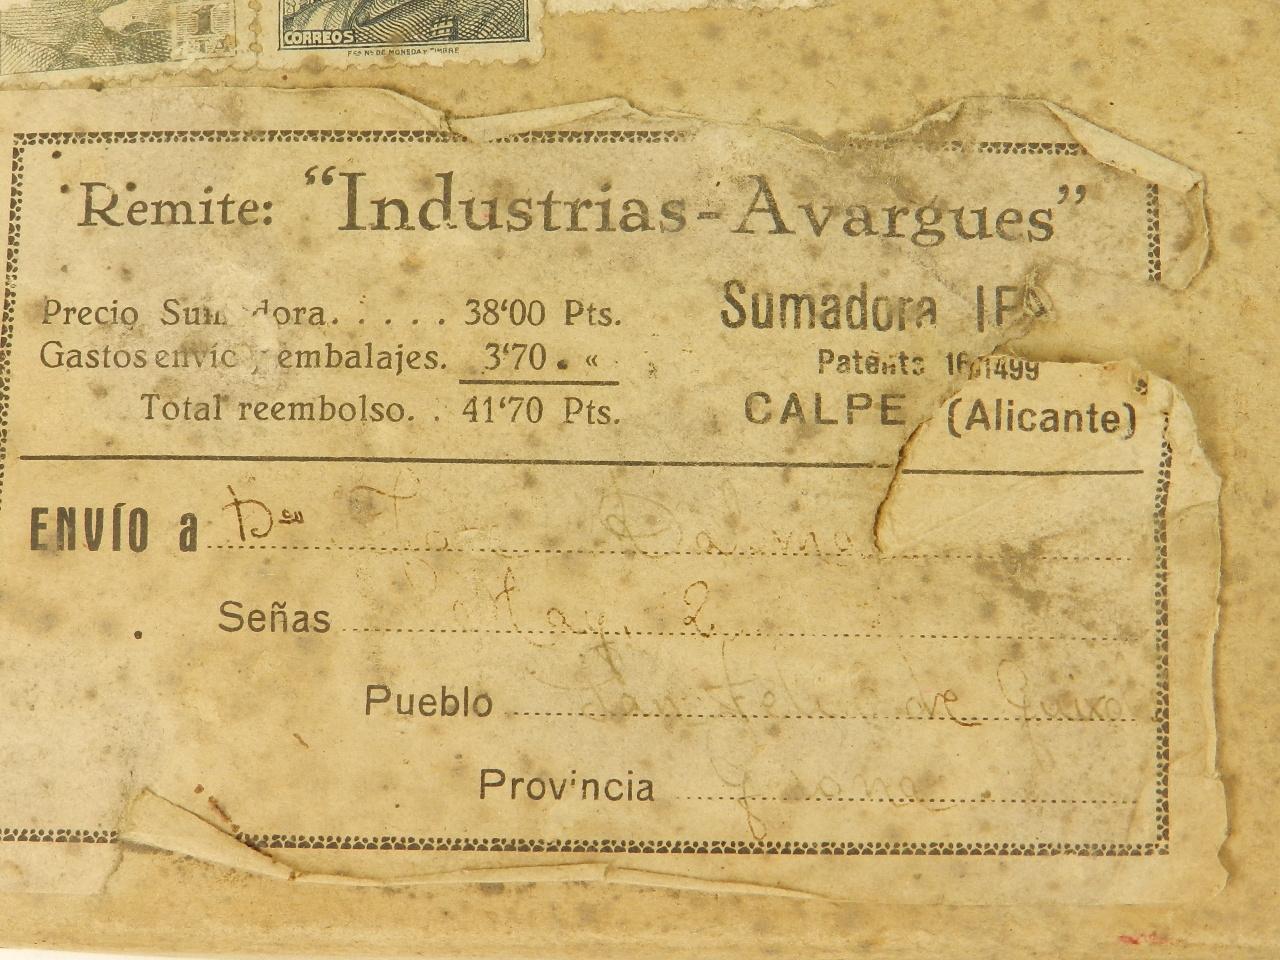 Imagen SUMADORA IFACH  AÑO 1943 27921